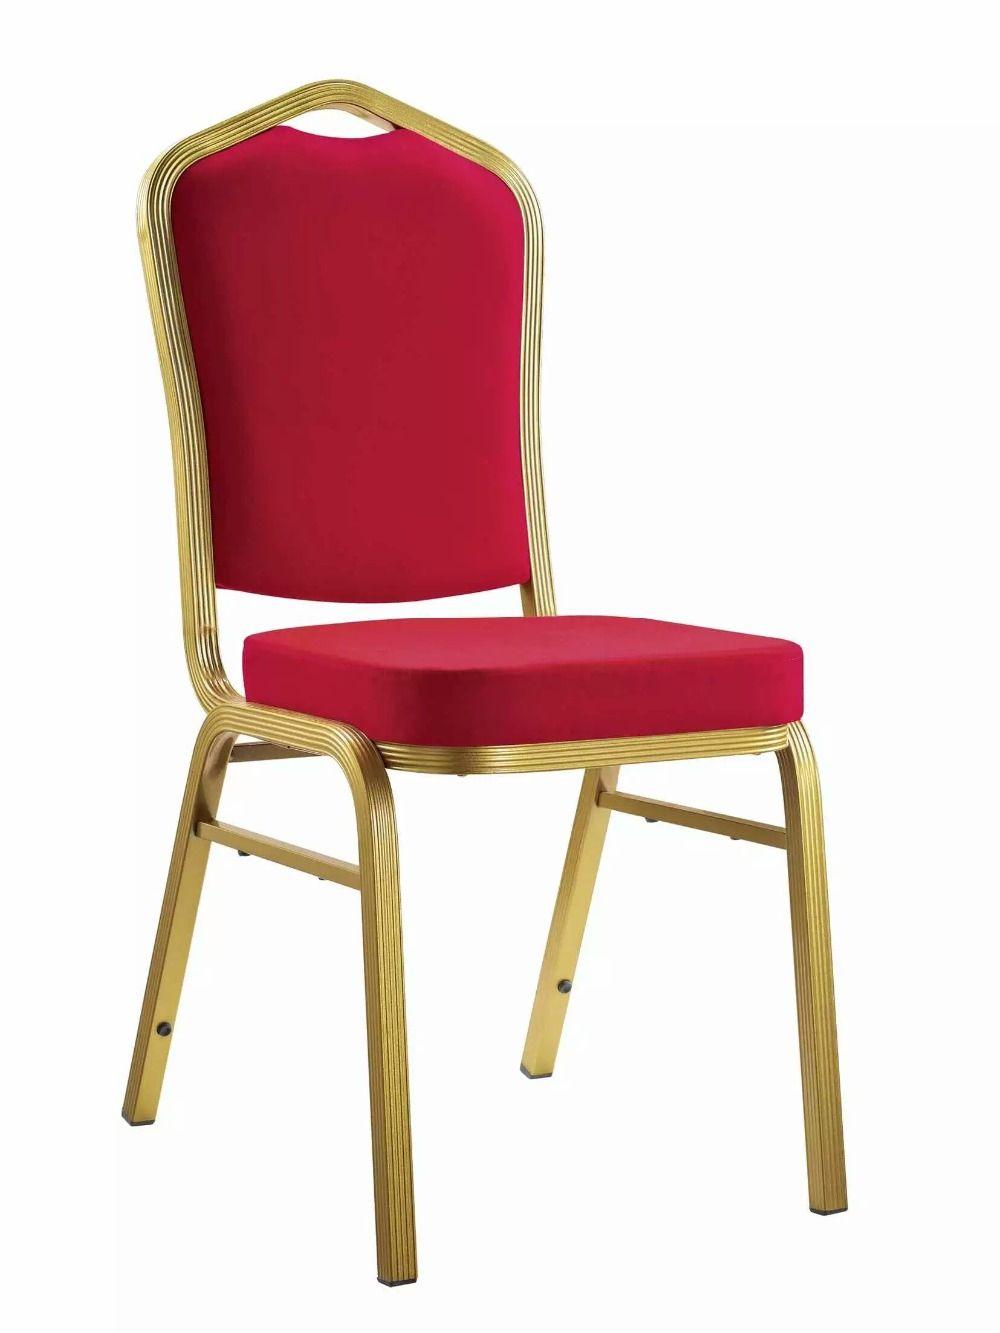 Banquet Chaise Empilable Chaises Restaurant Chaises En Metal 5 Pc